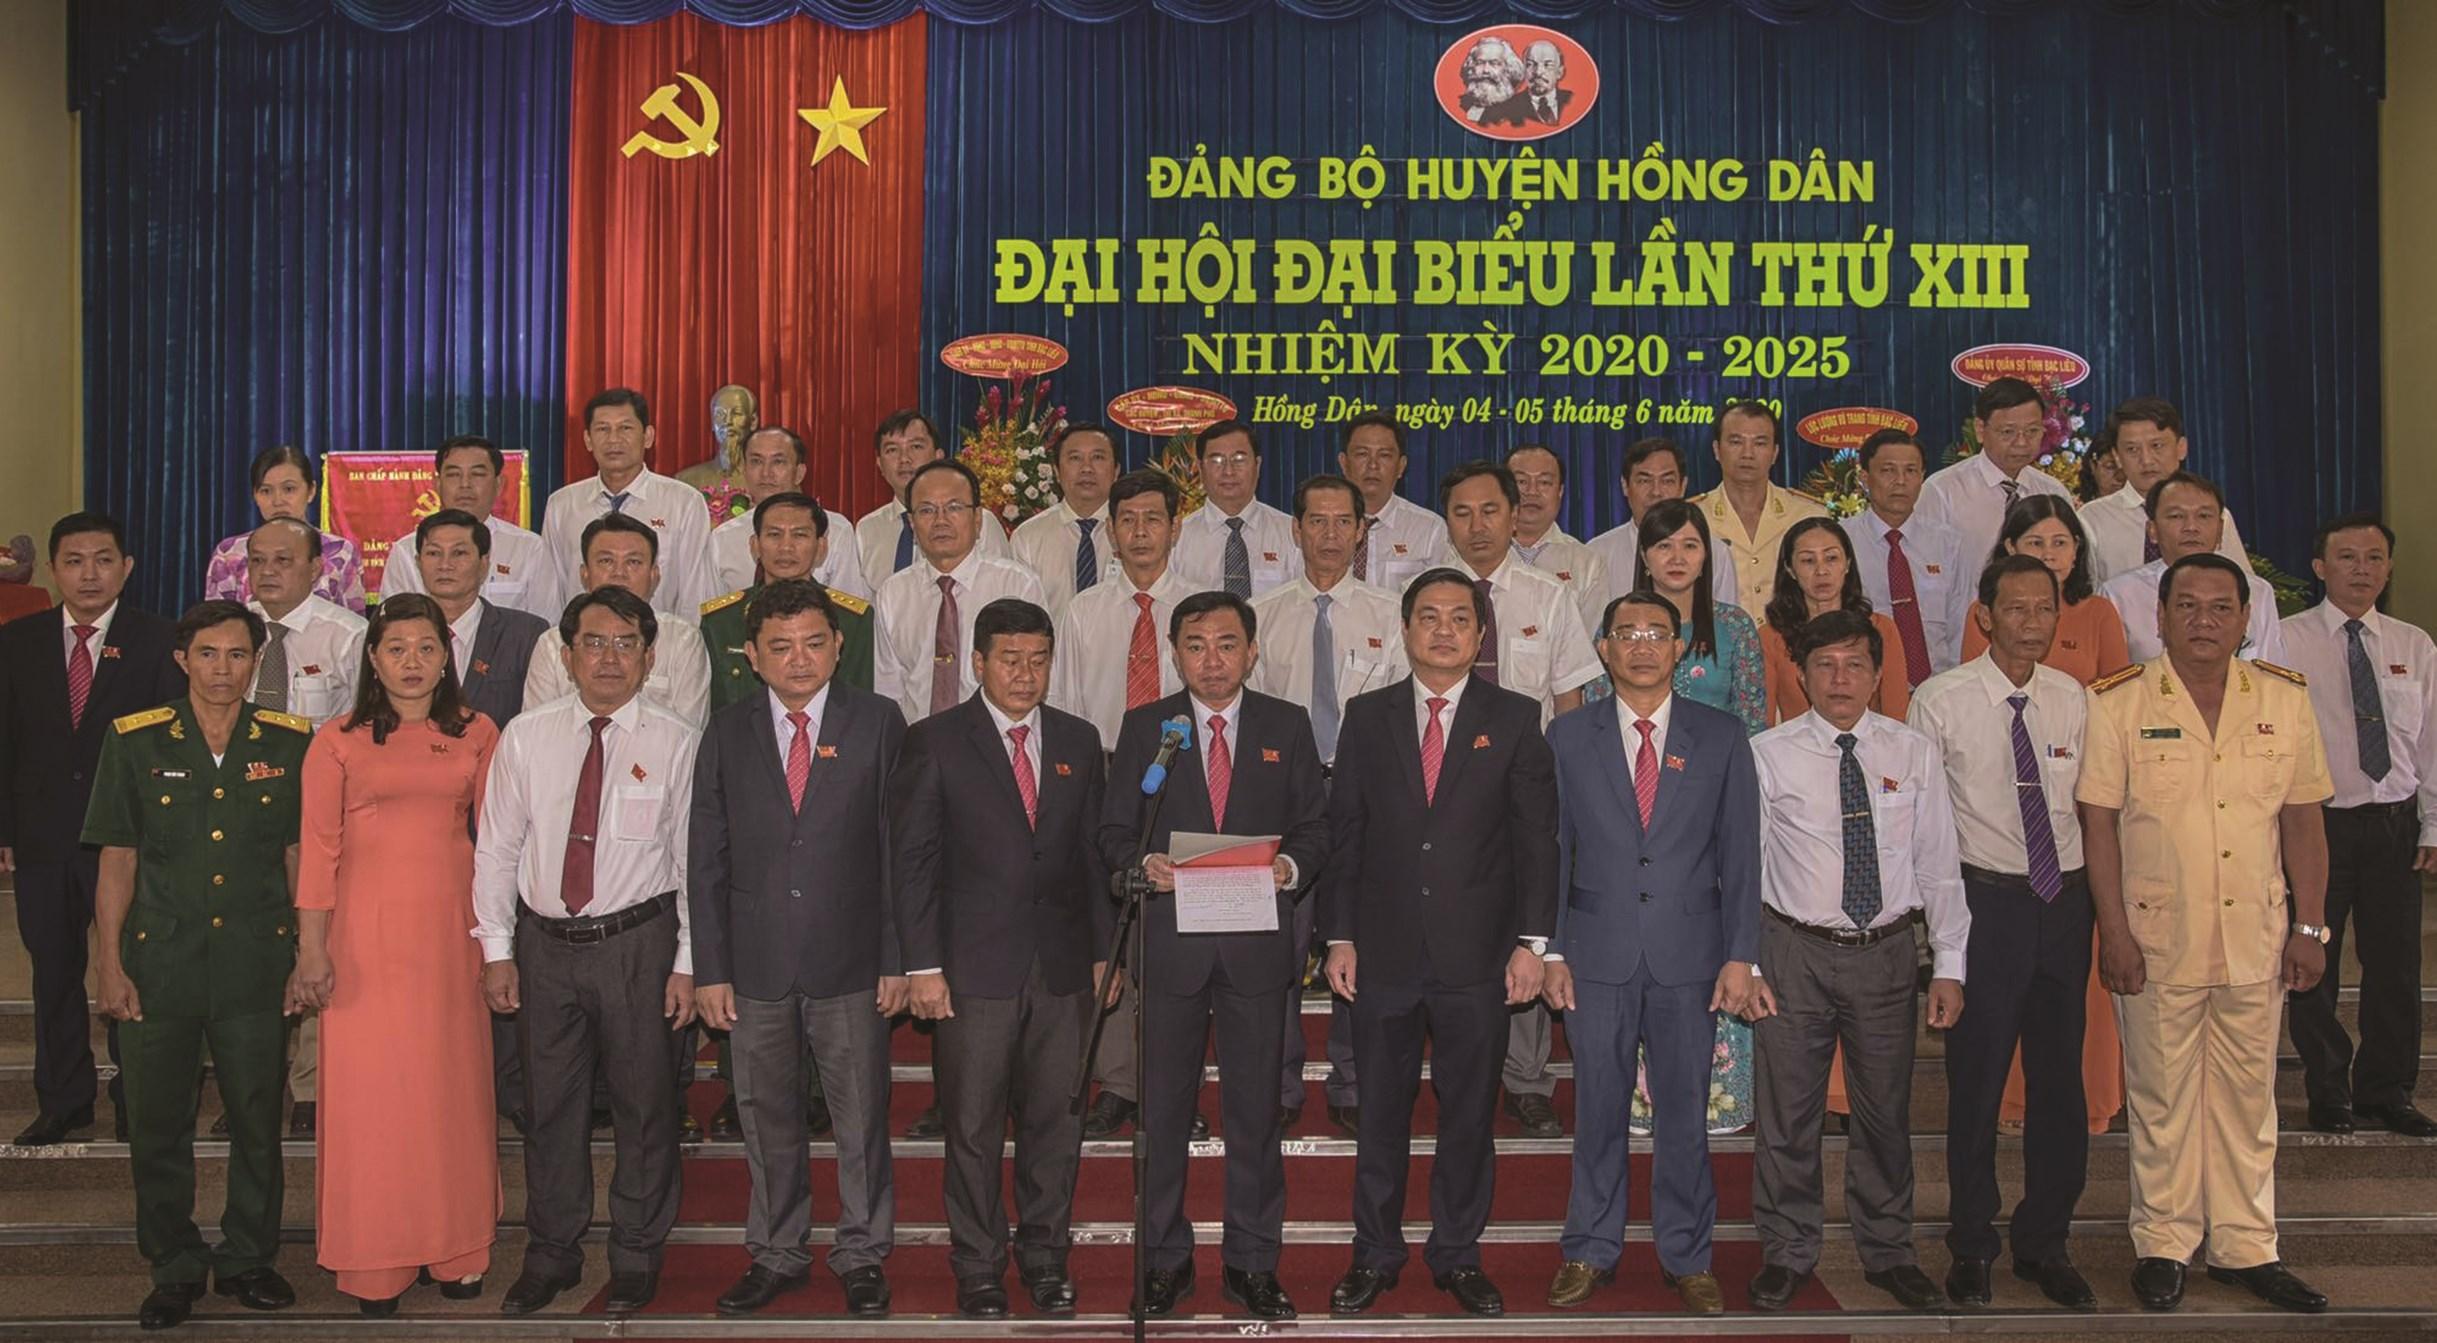 Ban Chấp hành Đảng bộ huyện Hồng Dân nhiệm kỳ 2020-2025 ra mắt Đại hội